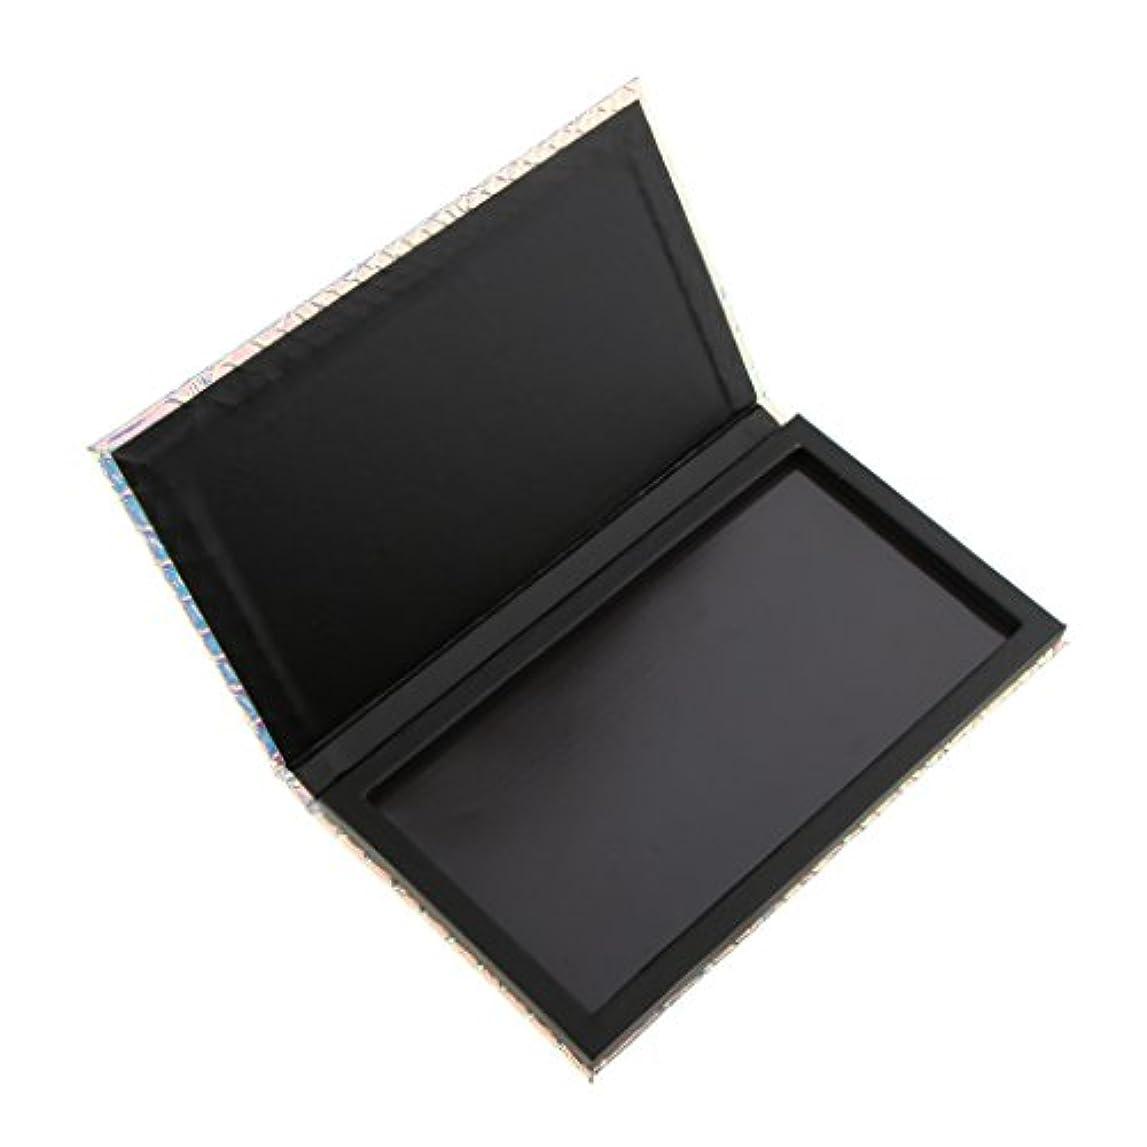 ゆるくグラフ発疹Kesoto 磁気パレットボックス アイシャドー パウダー メイクアップ 収納 長方形 空磁気パレット コンテナ ボックス 収納